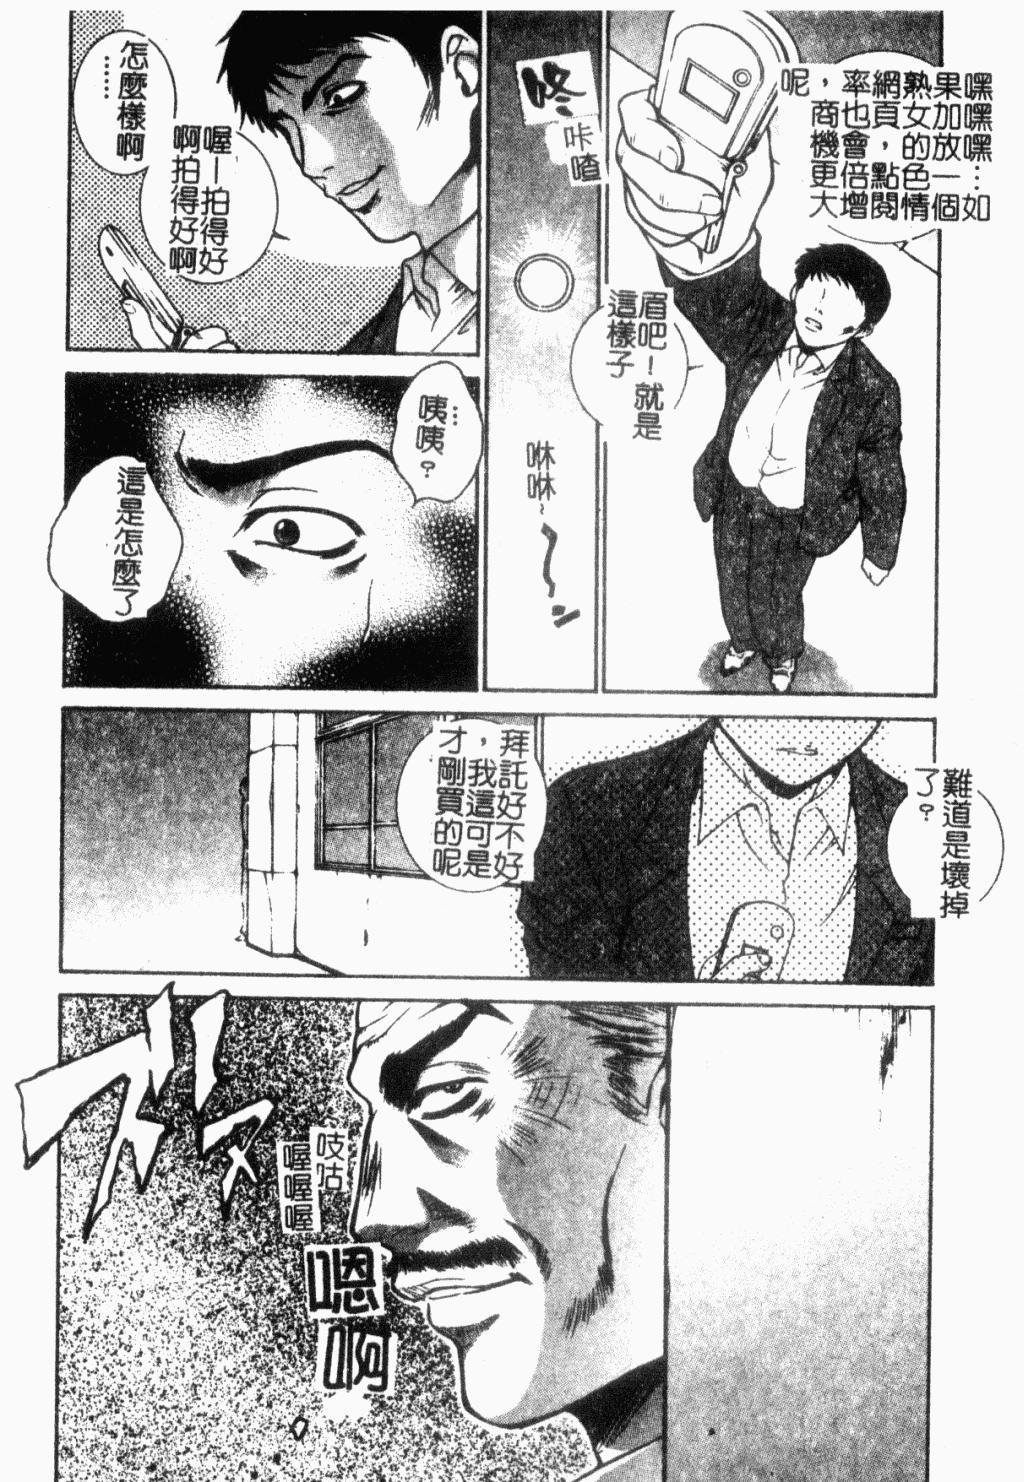 Choukyou Gakuen 2 Genteiban 119